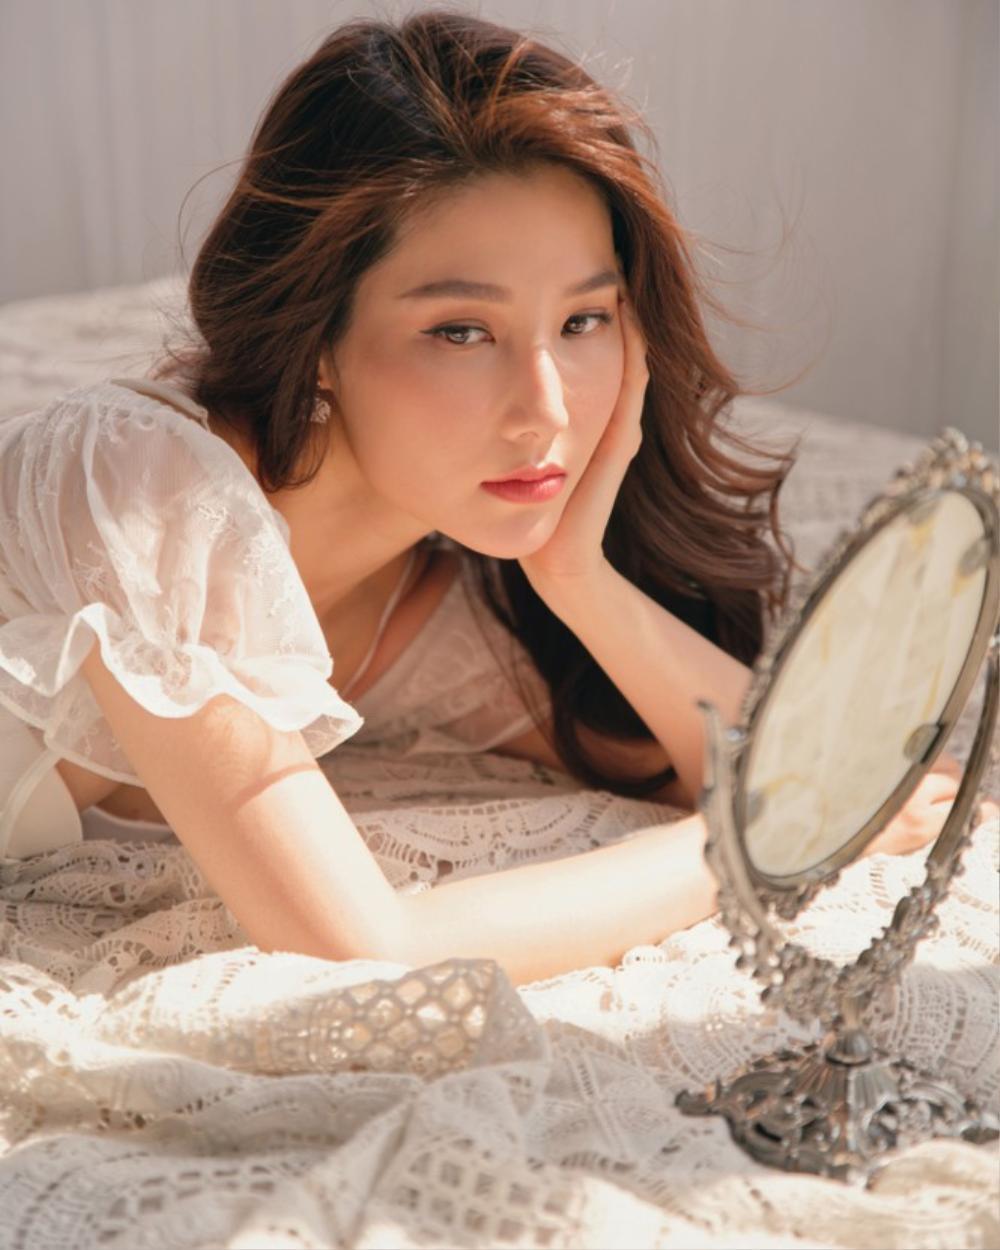 So kè top 5 'Nữ diễn viên ấn tượng' tại 'VTV Awards 2020': Phương Oanh, Quỳnh Cool hay Diễm My 9x sẽ giành lợi thế? Ảnh 15